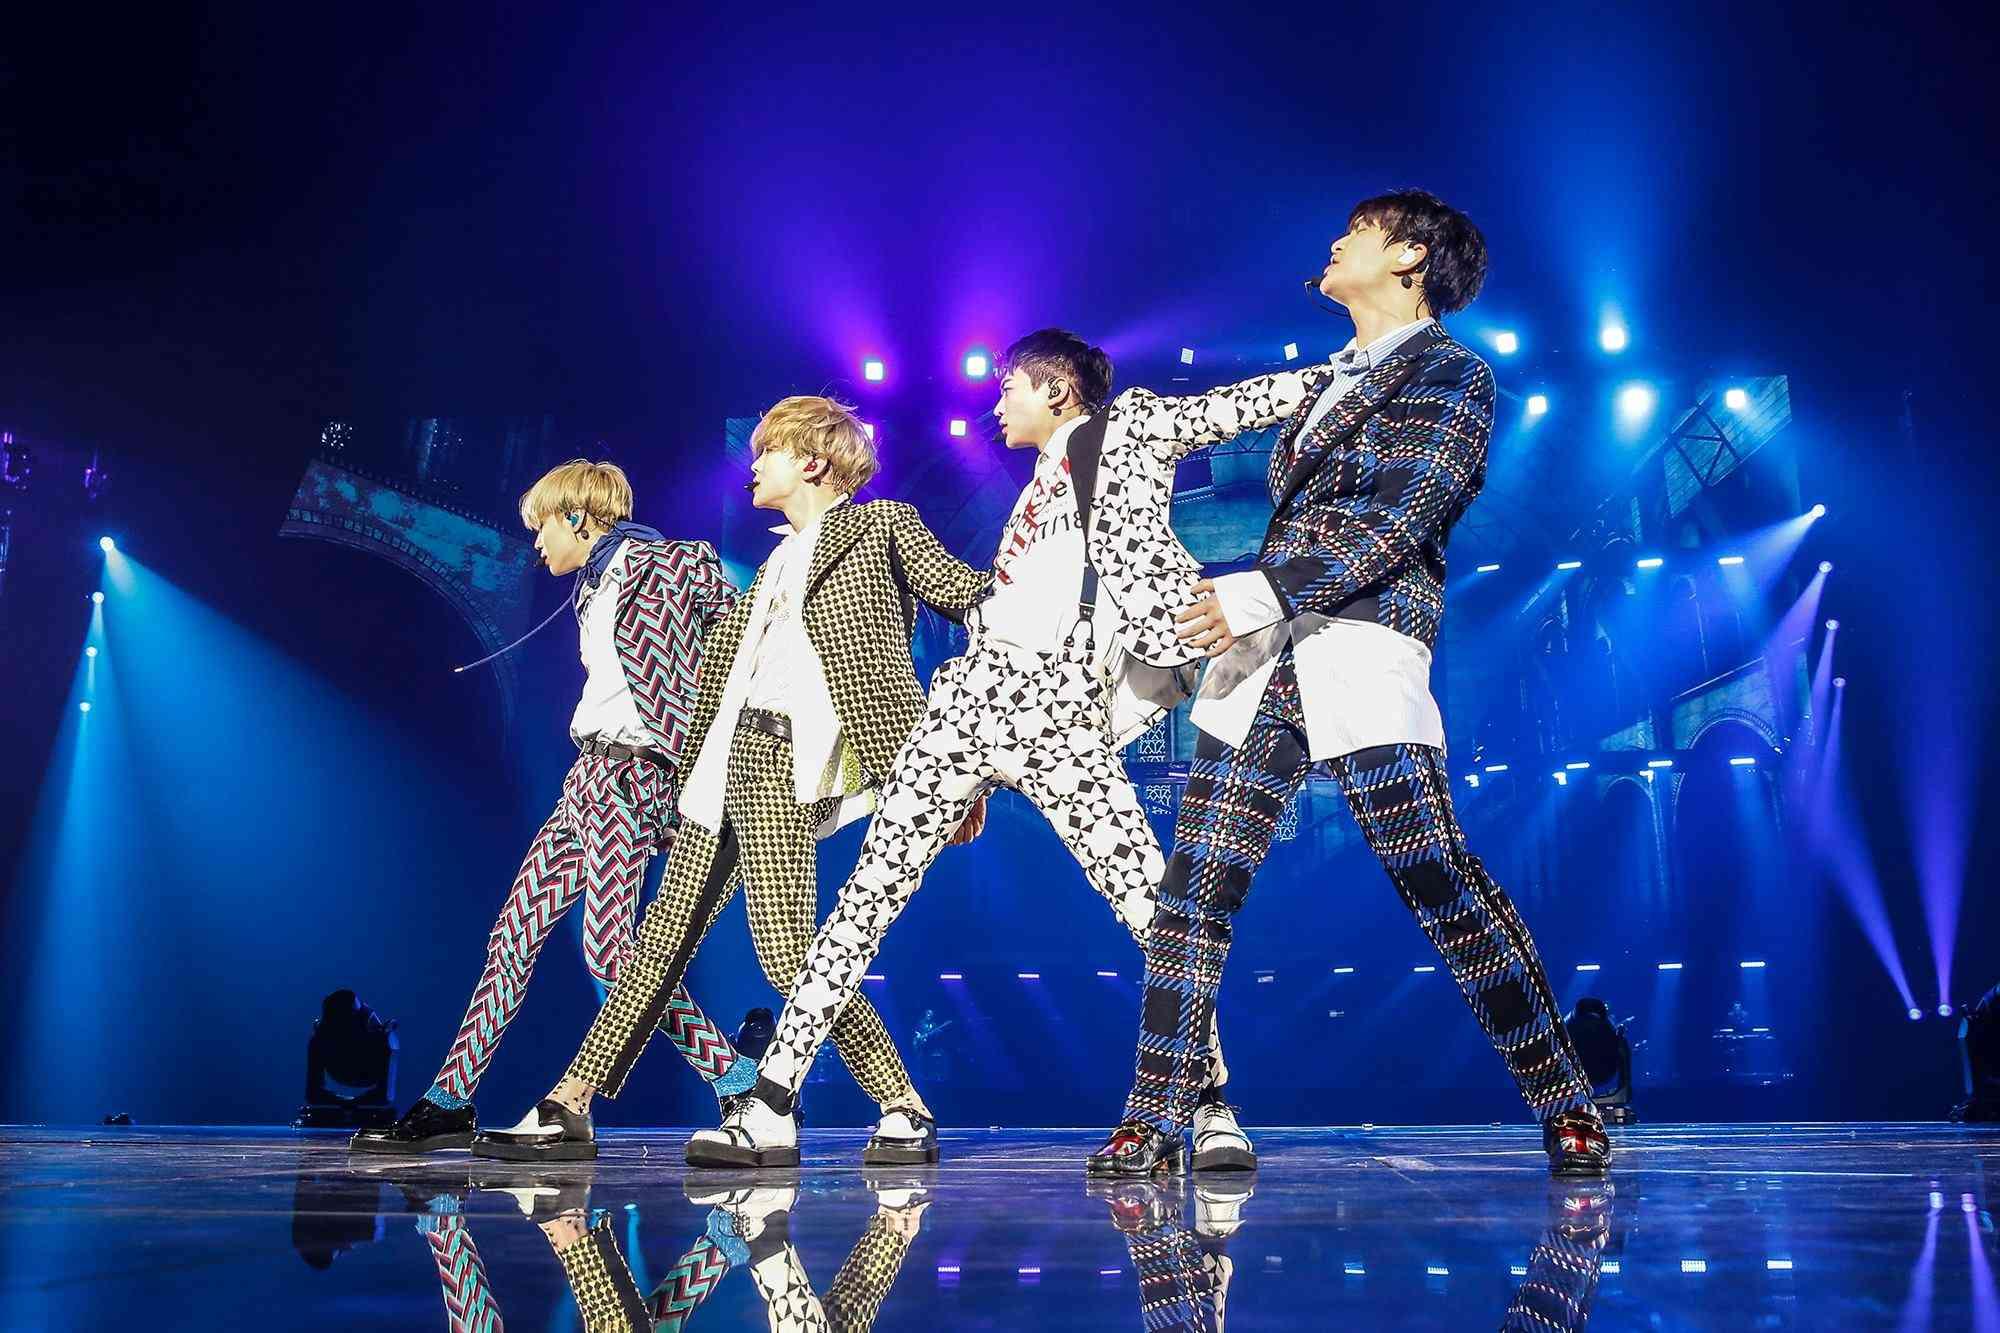 由於韓國規定依定要在30歲前入伍當兵,粉絲也猜測1989年生的溫流,應該會在SHINee的十週年活動結束後入伍,所以粉絲們要把握這次SHINee的回歸啊!